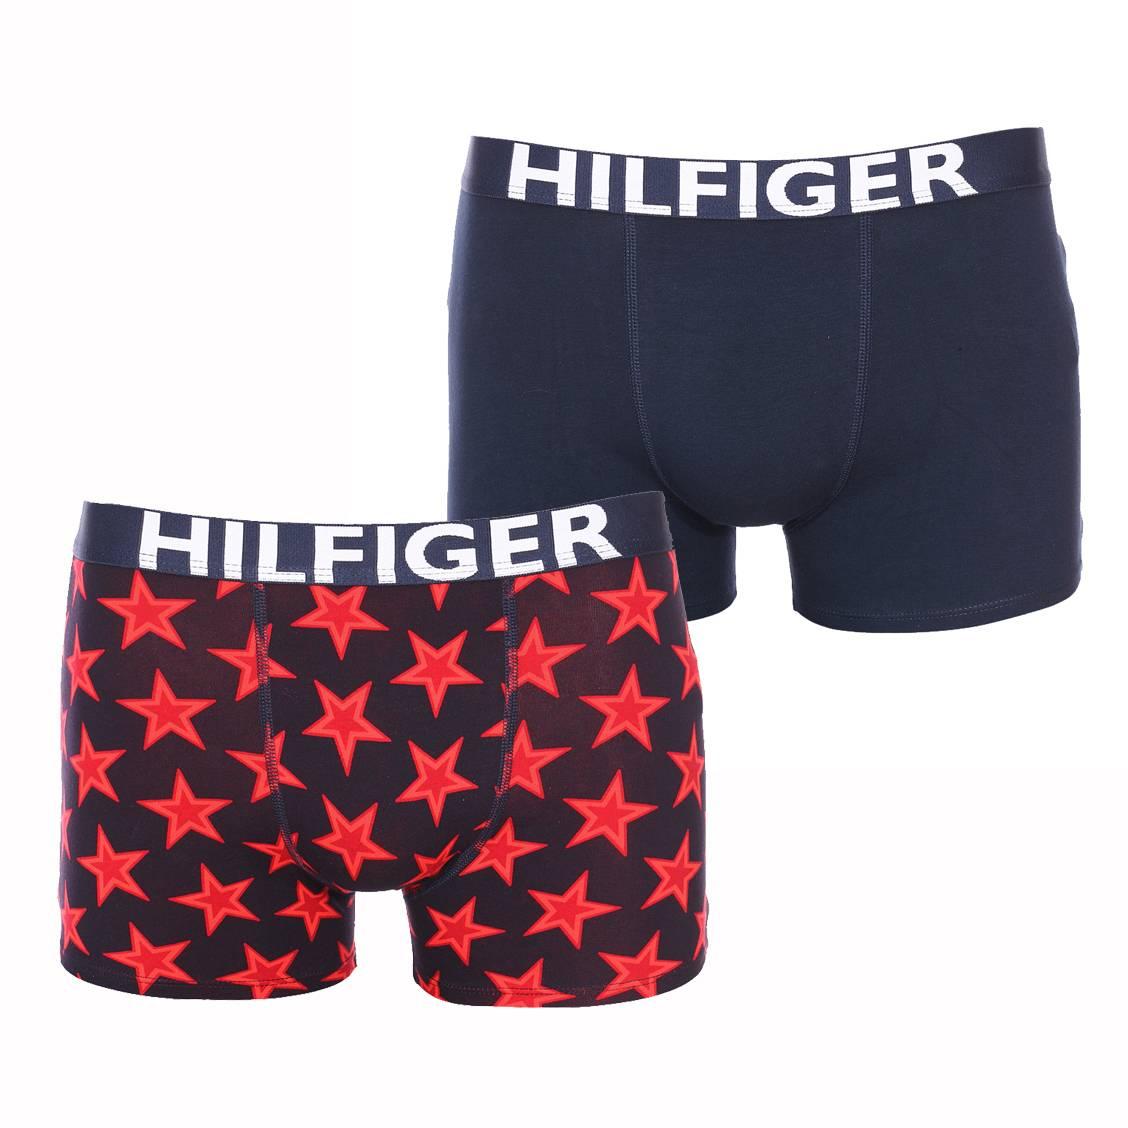 Lot de 2 boxers Tommy Hilfiger Junior en coton stretch bleu marine et bleu marine à étoiles rouges